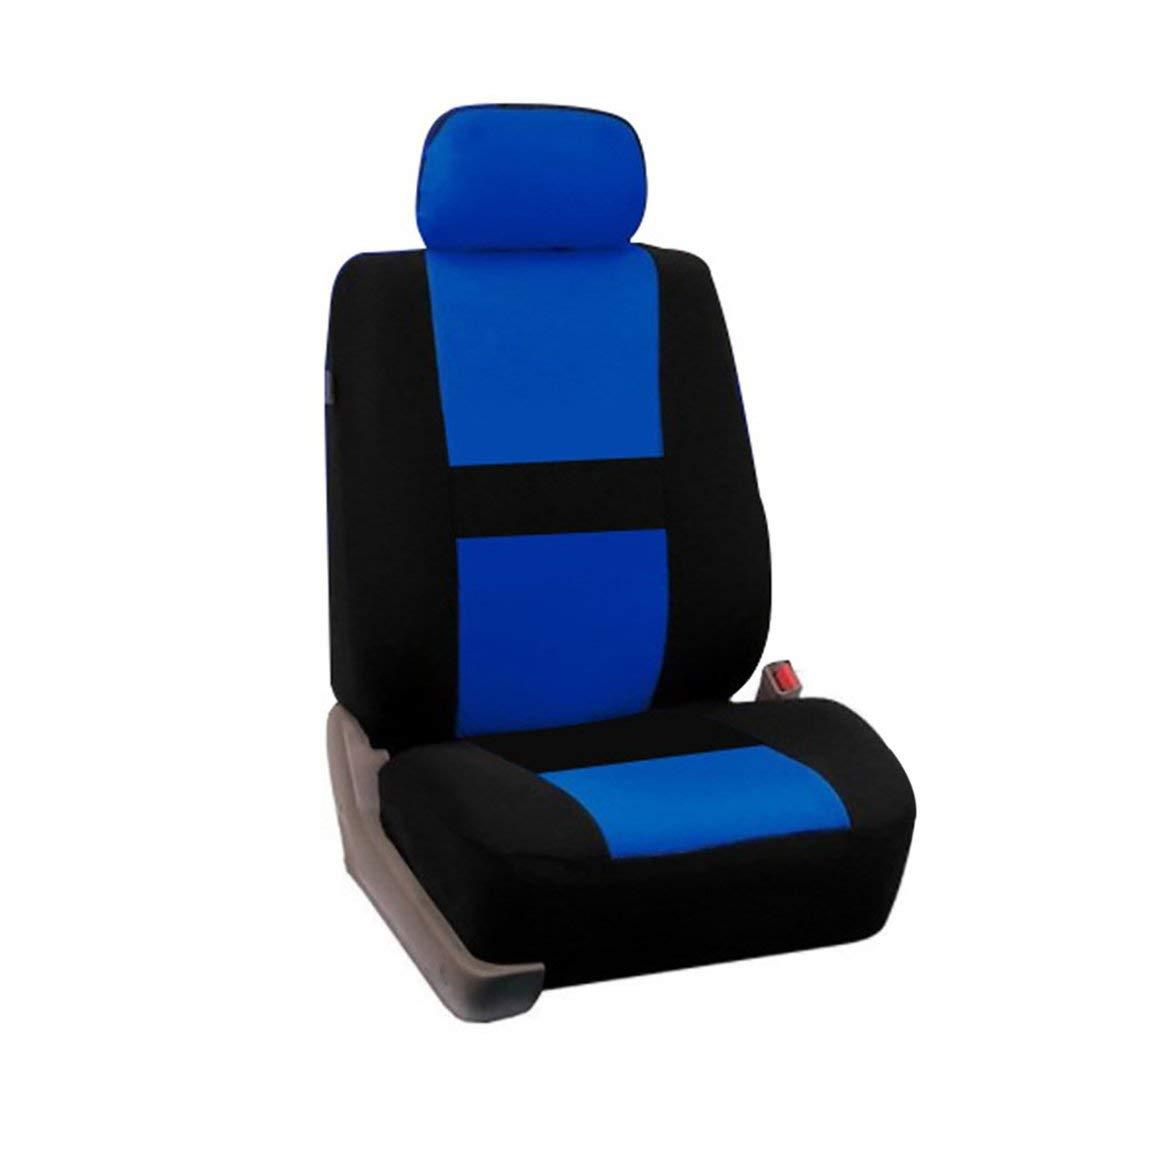 Garciayia A Tipo coprisedile per Auto Completo Universale Fit Accessori Interni Car Styling Colore: Blu